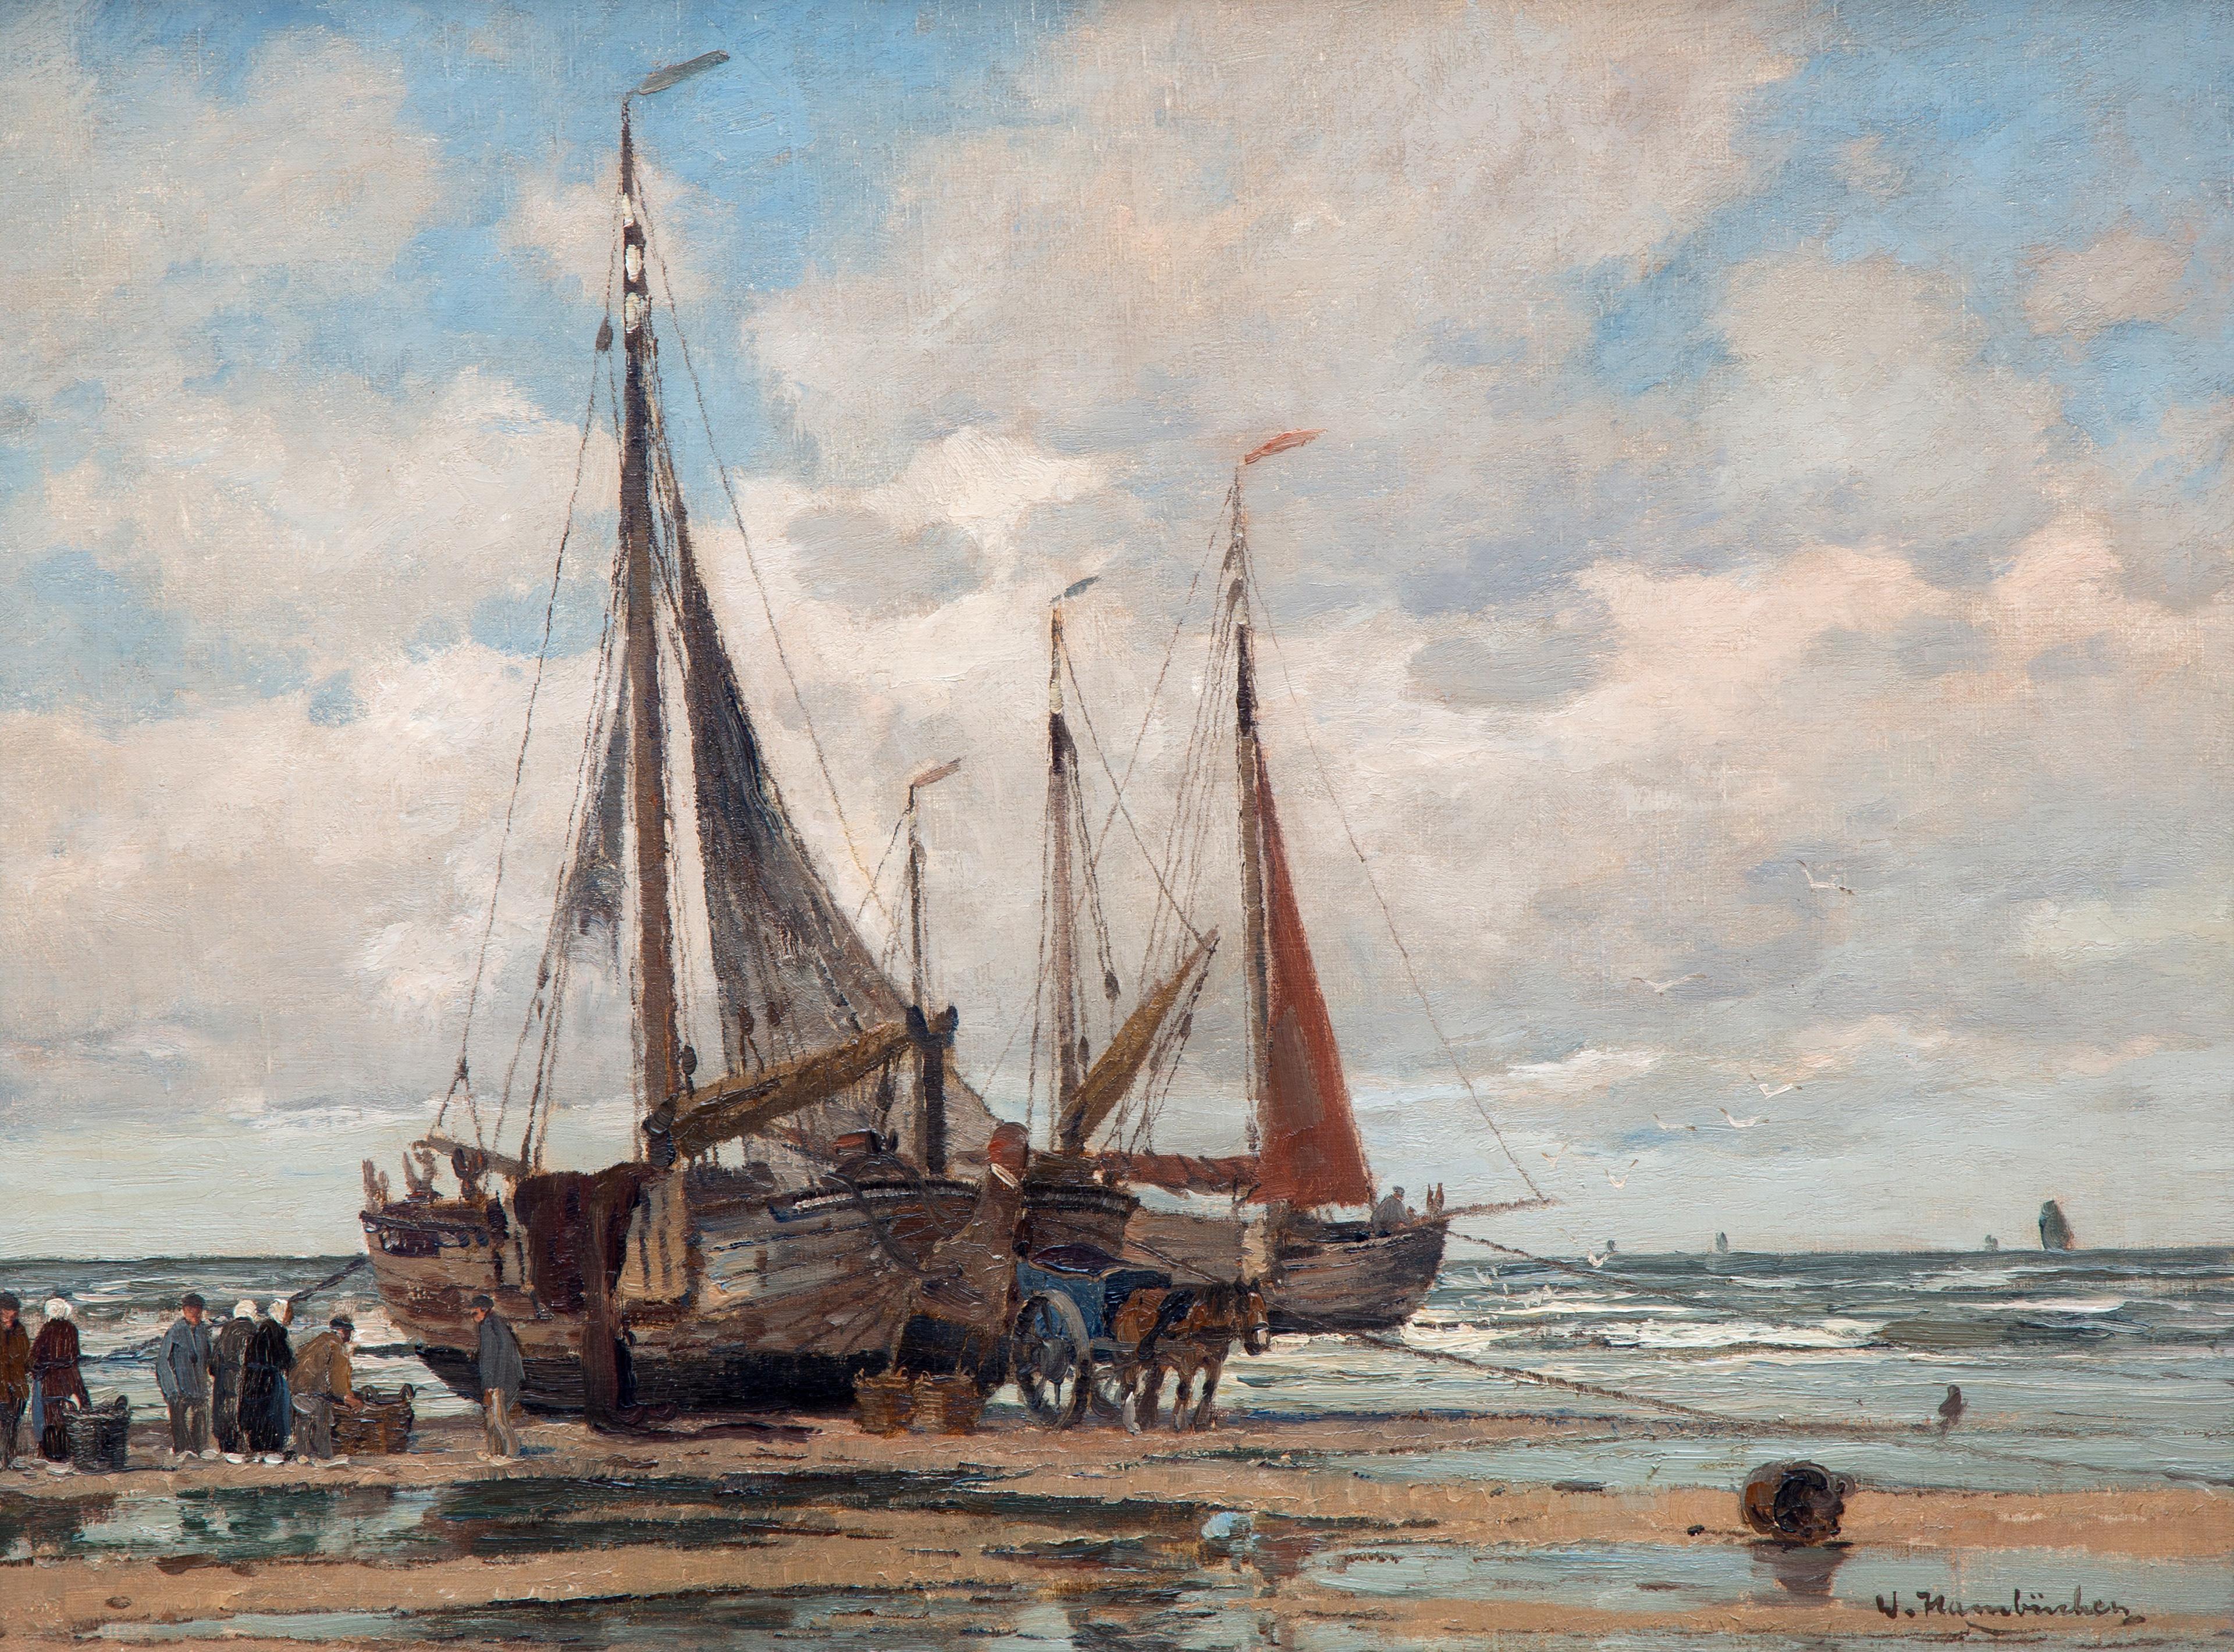 Bomschuiten on the beach of Katwijk